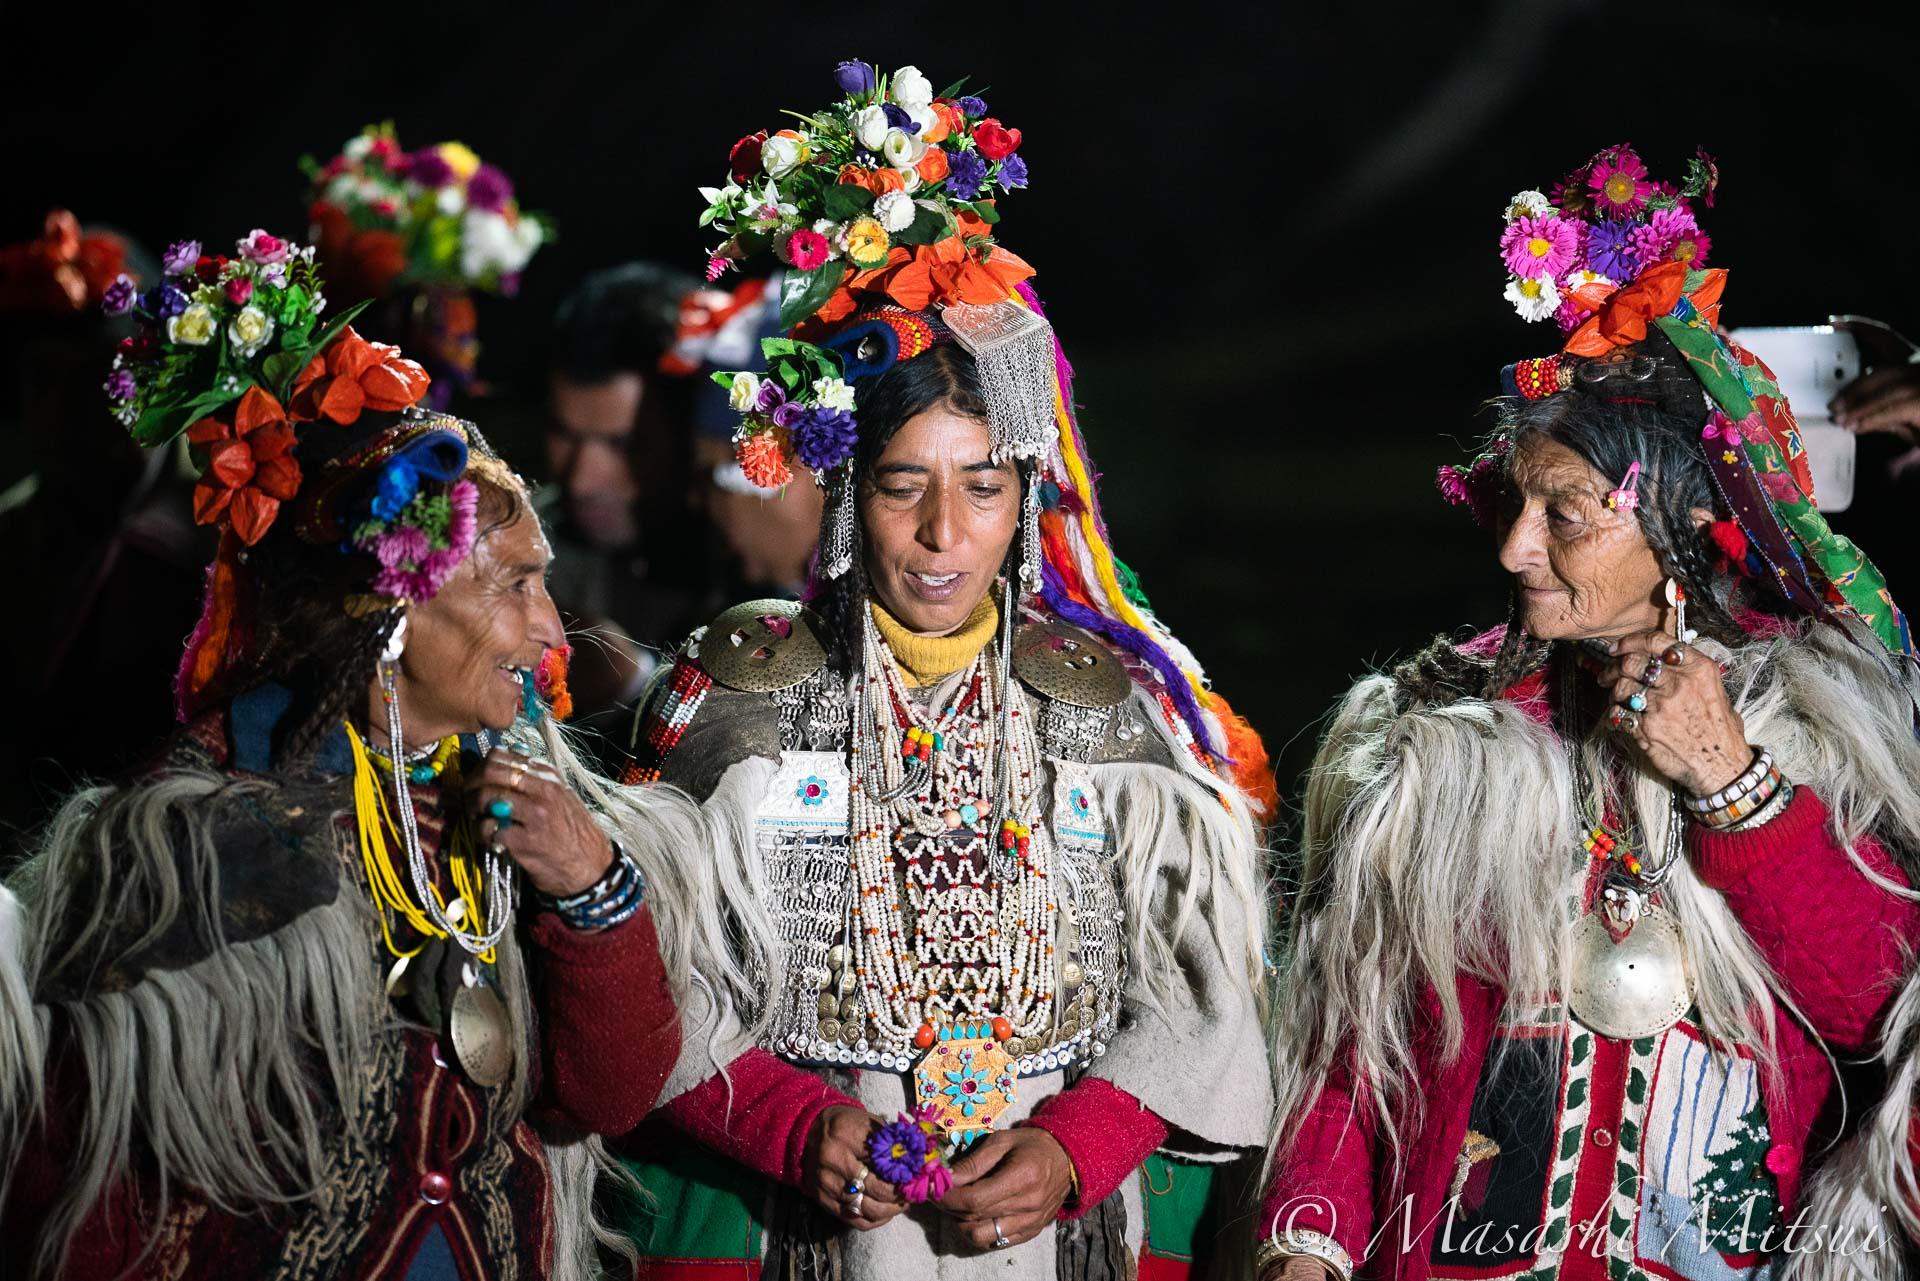 india19-126288